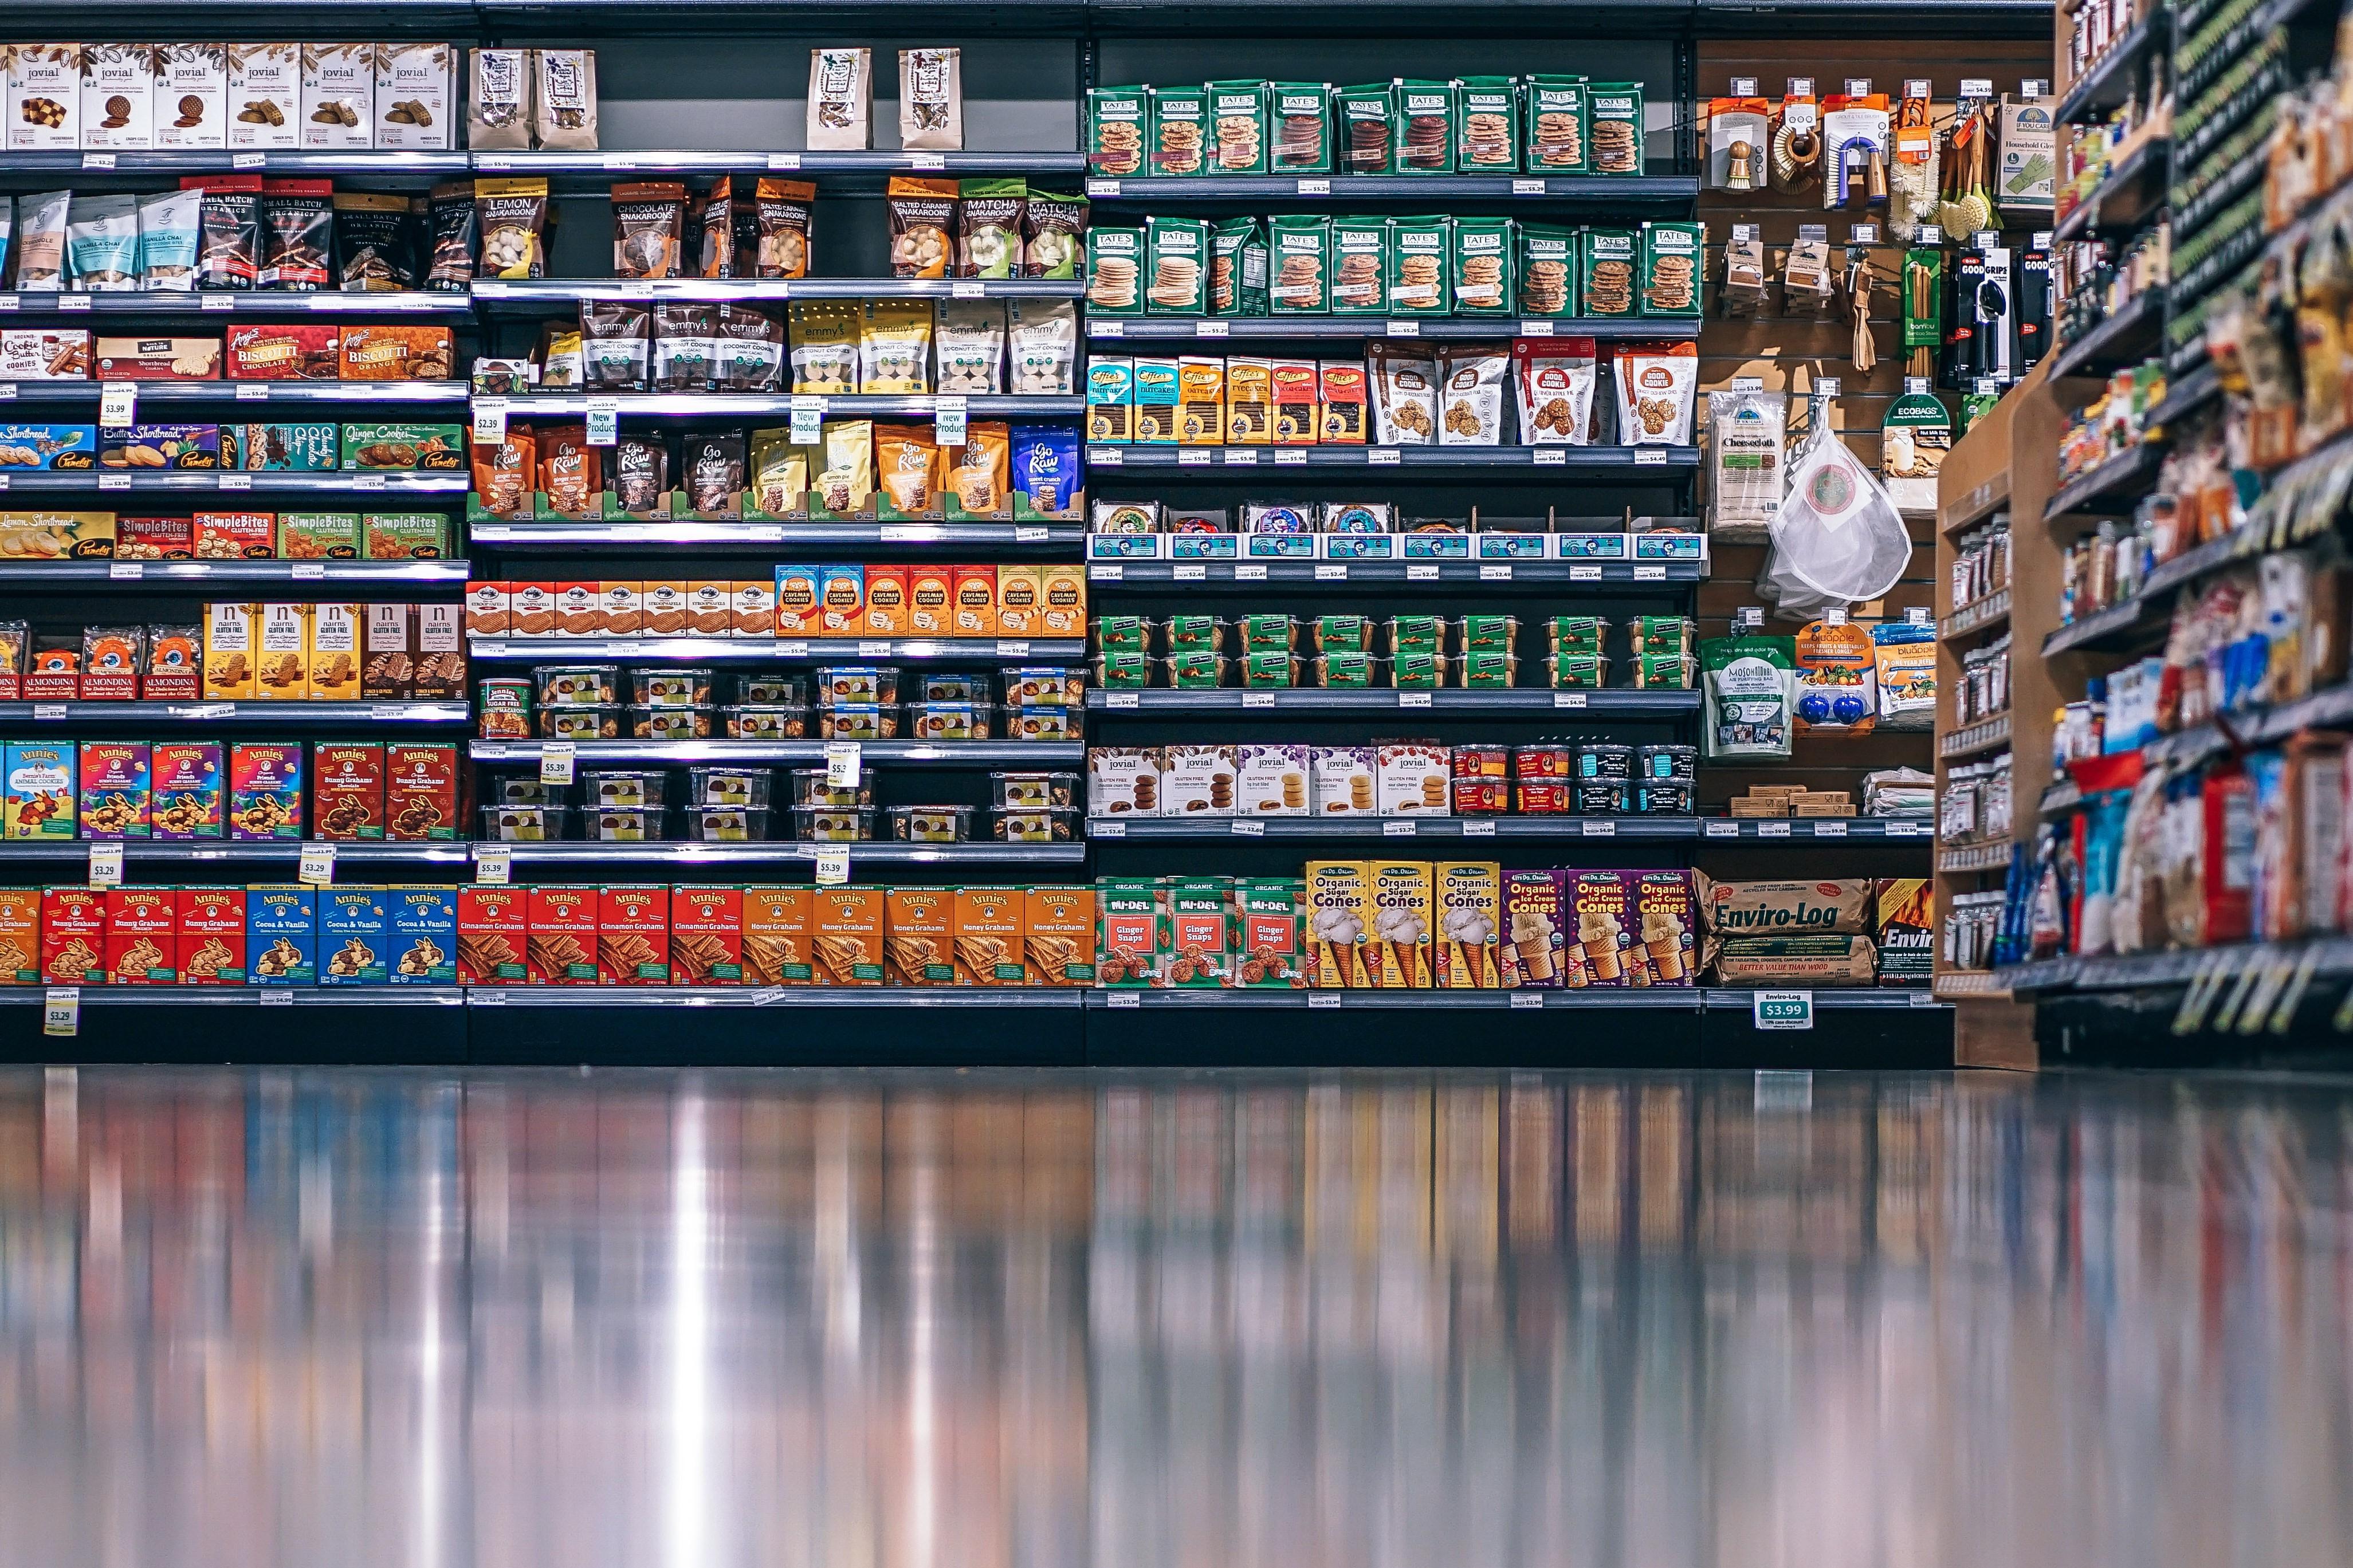 Kodėl kiekviena mažmeninė įmonė turėtų pergalvoti savo produktų duomenų valdymo procesą?